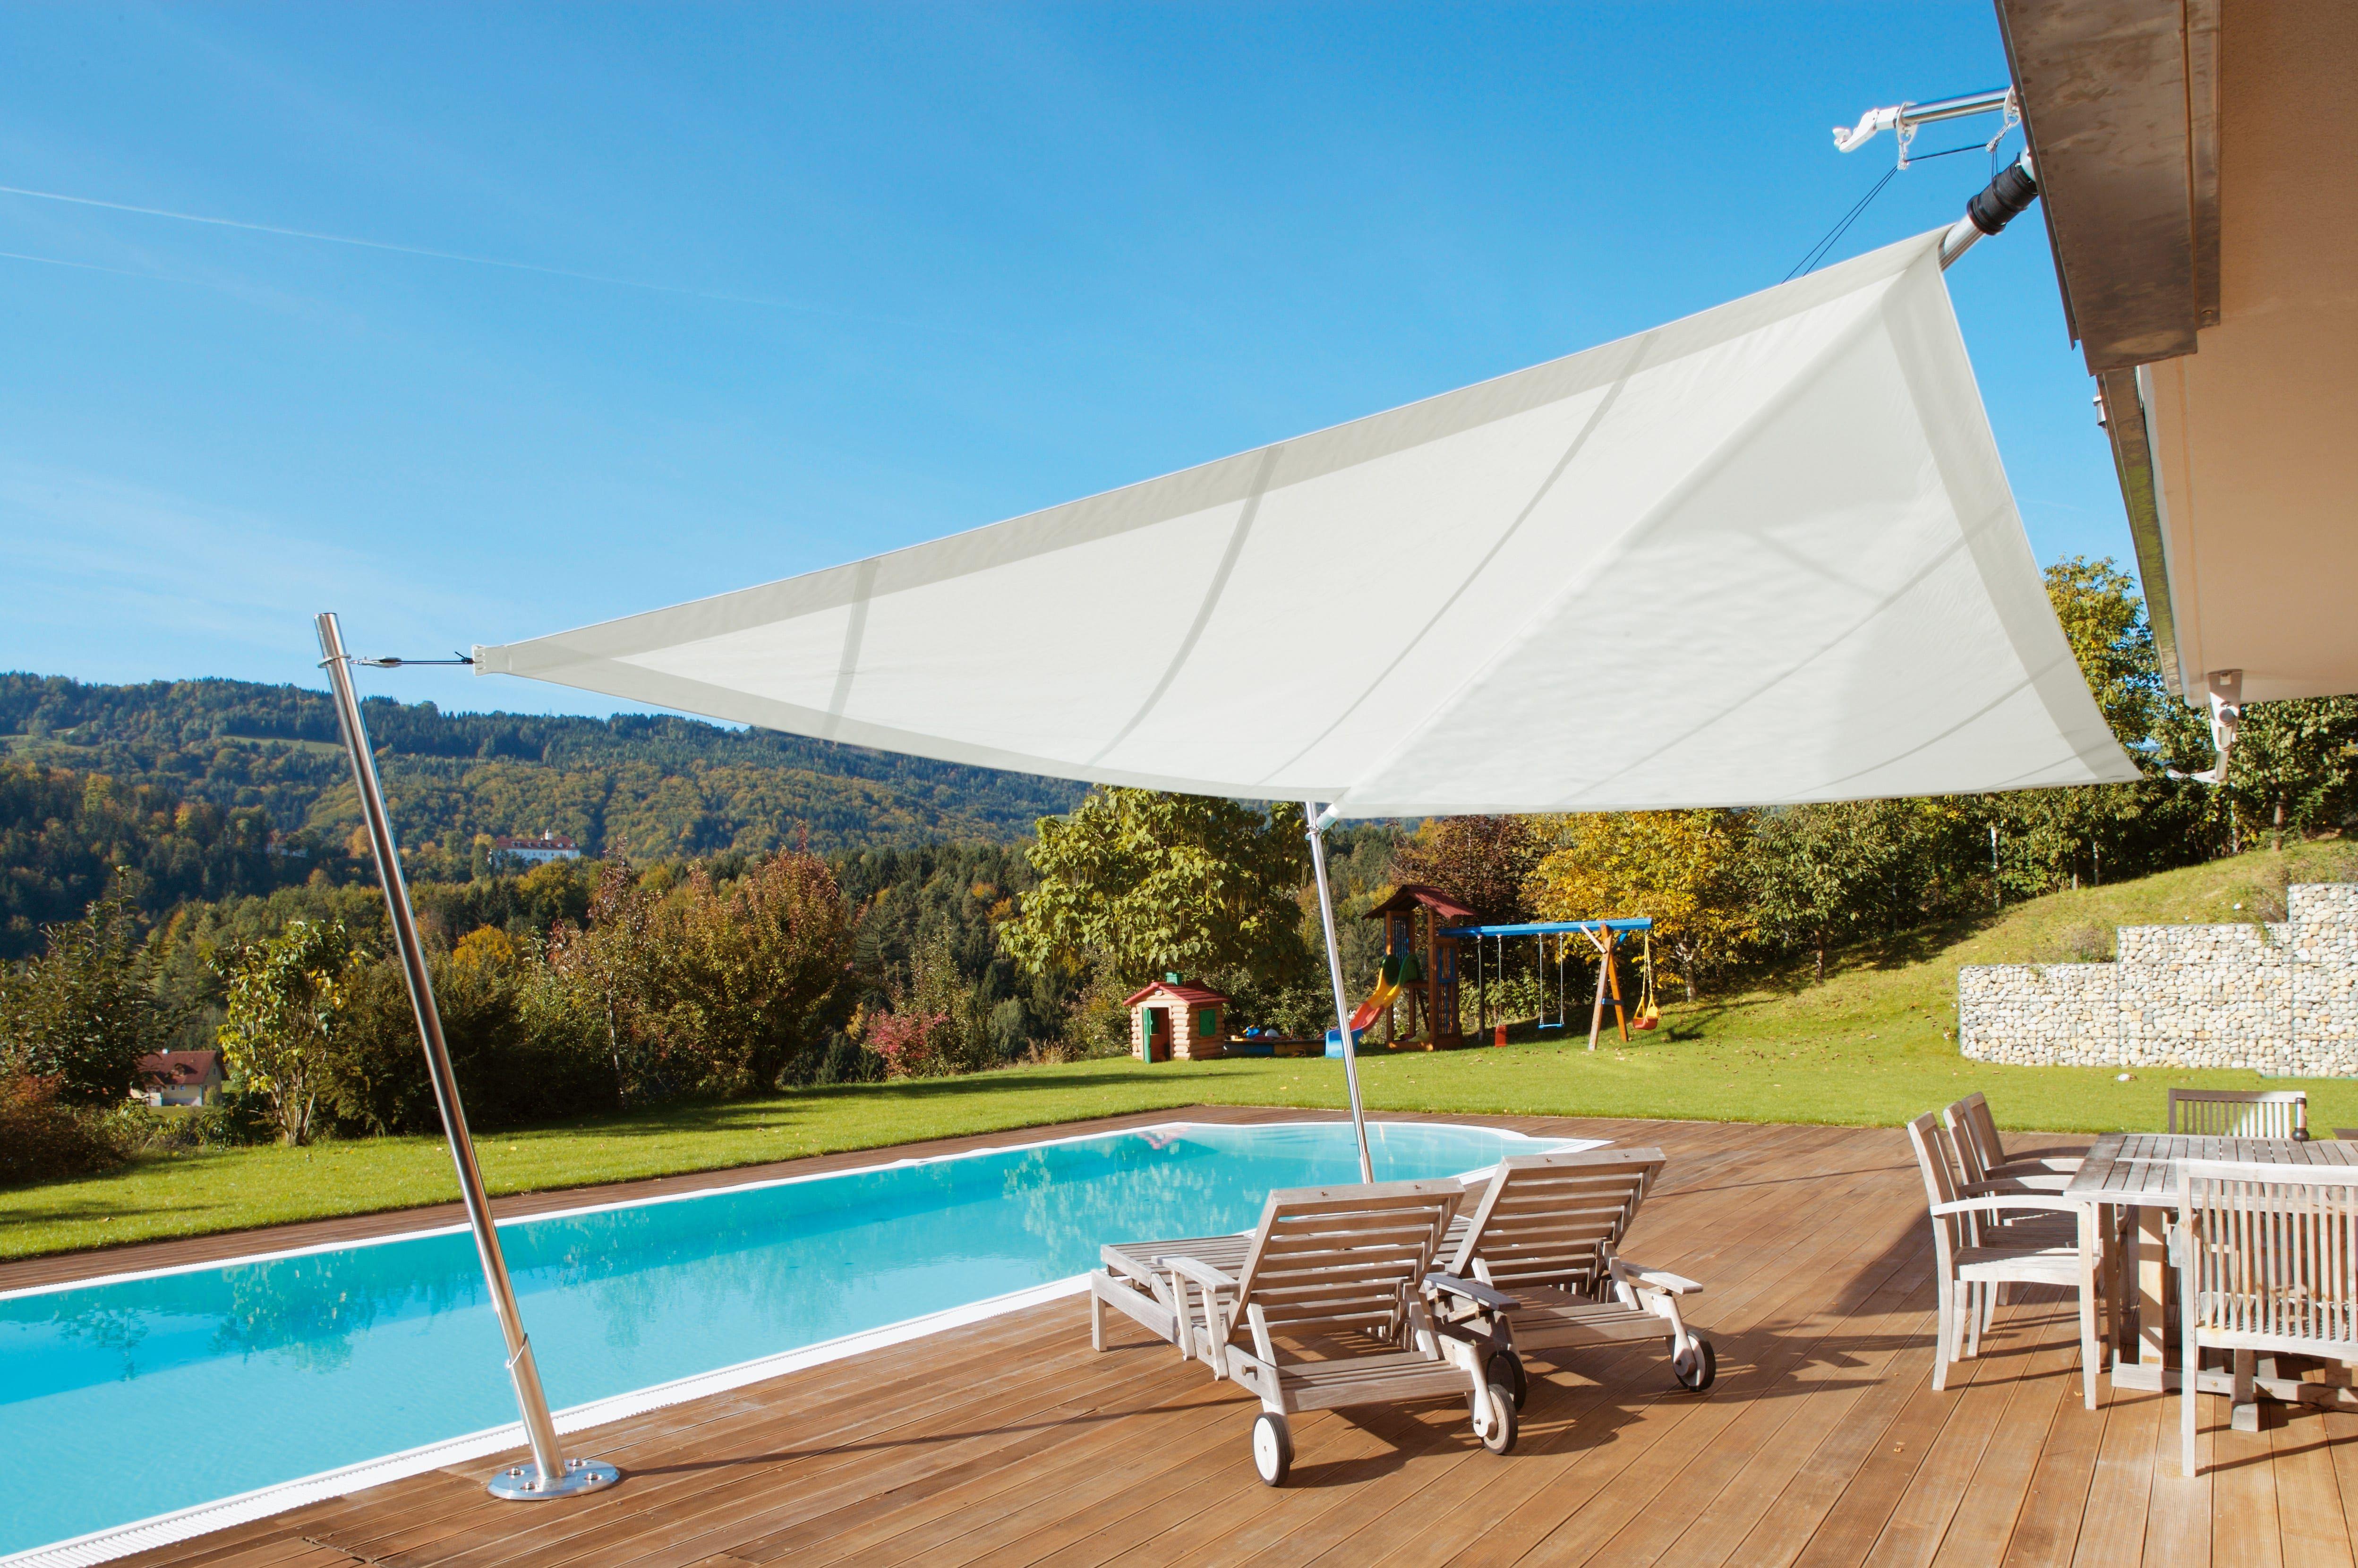 Sunsquare® Sonnensegel - Architektur Für Den Schatten ... Vorteile Sonnensegel Terrasse